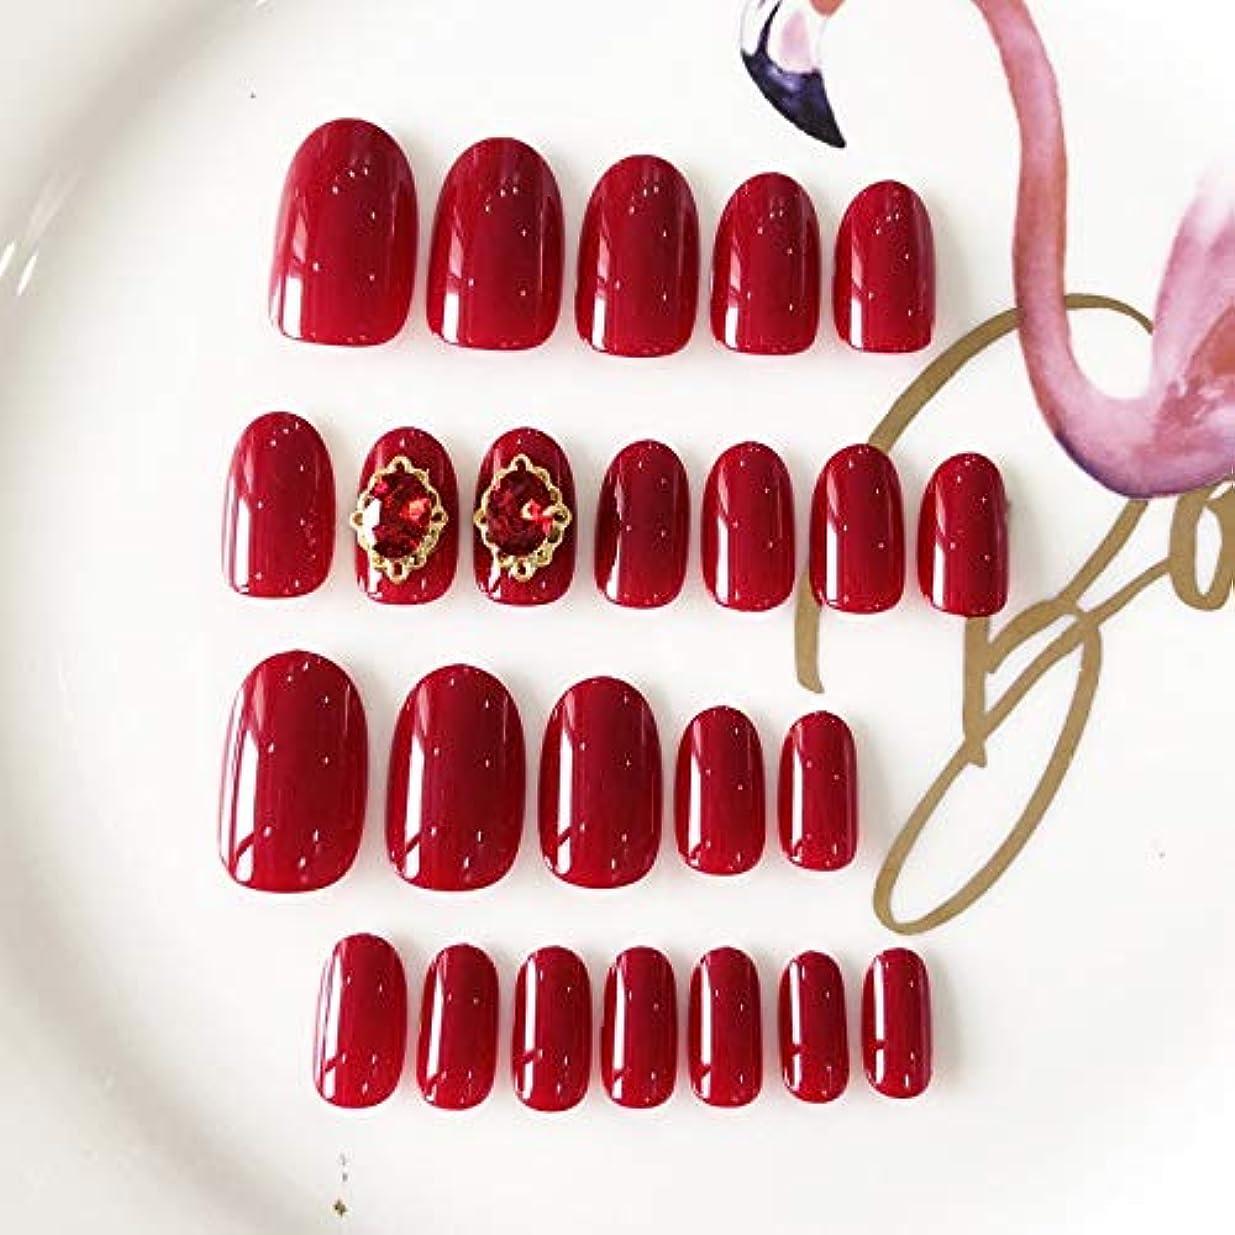 問い合わせる杖考えるJonathan ハンドケア 24個の短い楕円形の偽爪12サイズ単色ワインレッドエレガントな偽爪結婚式